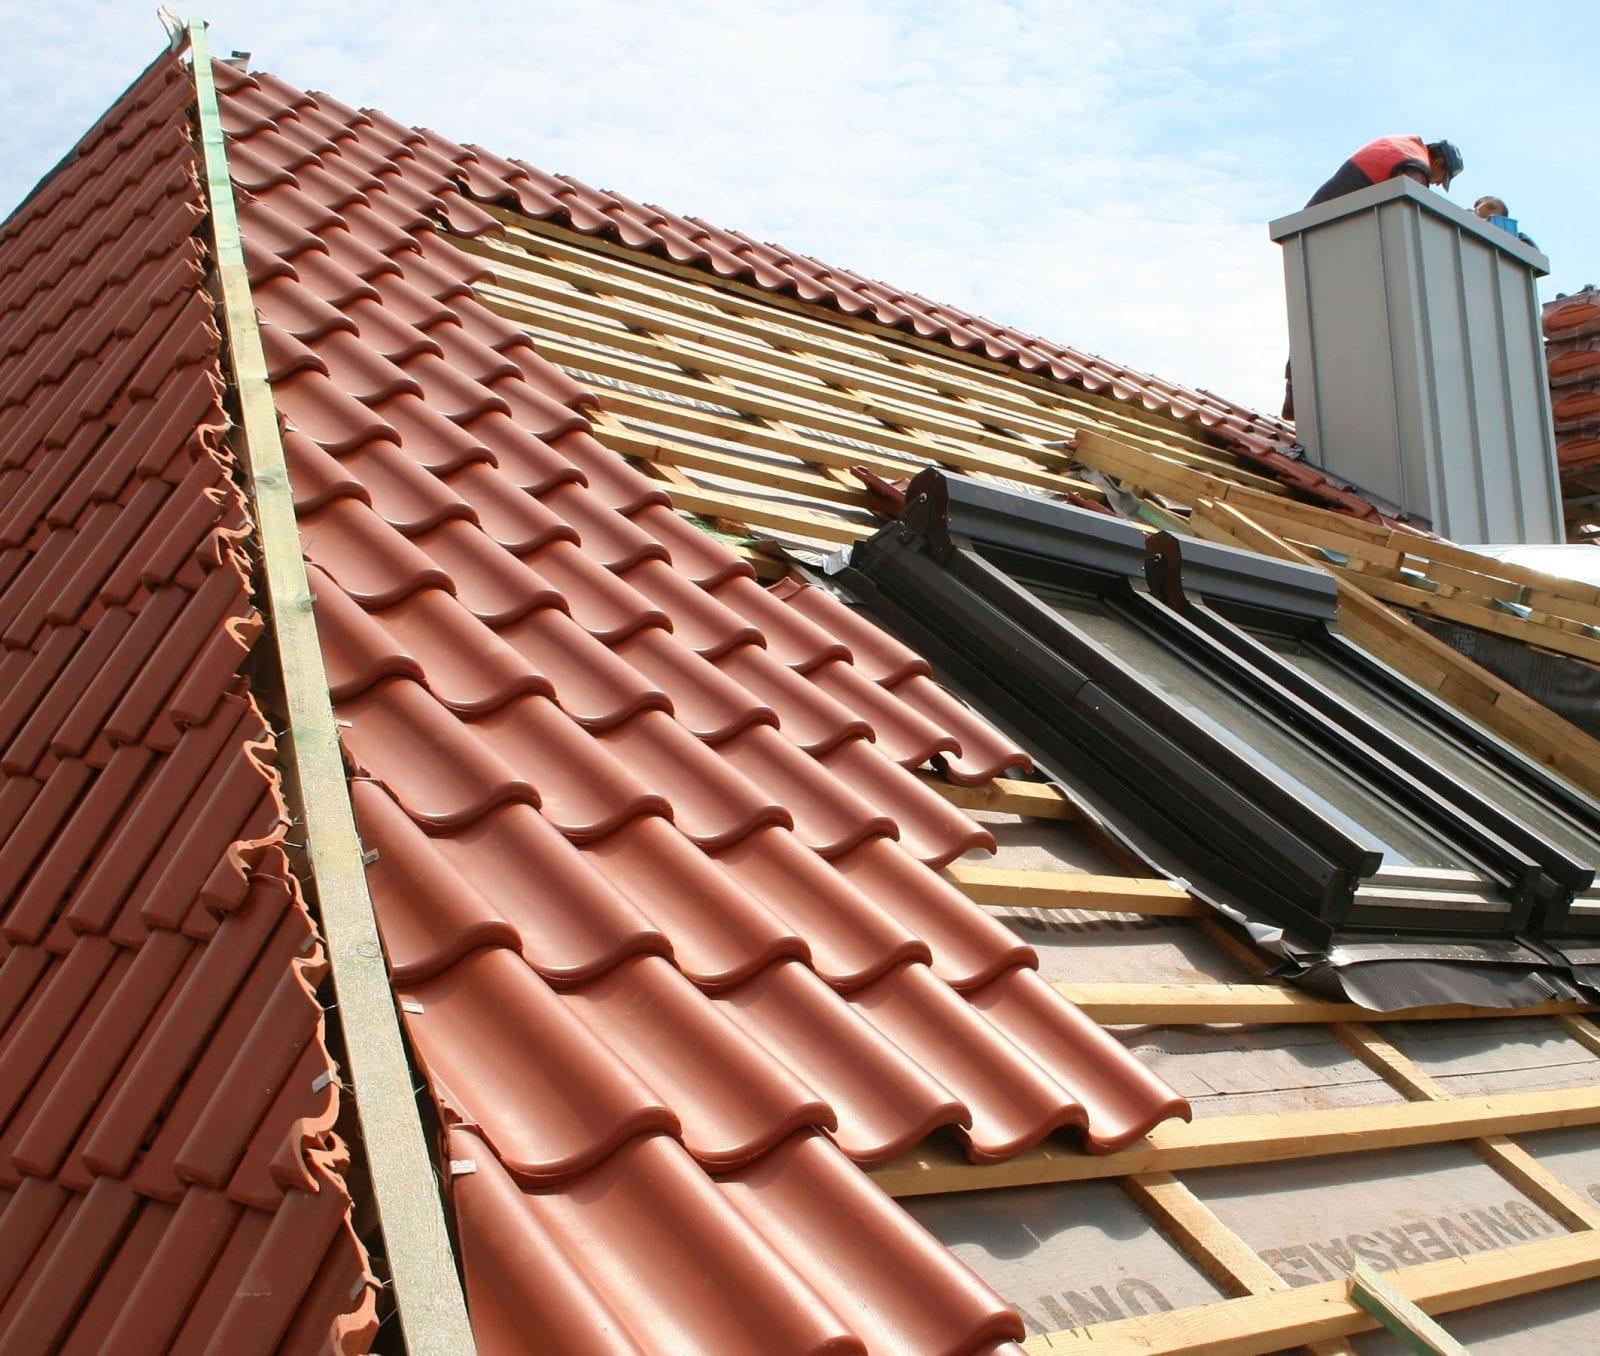 Der Sanierungsmarkt im Dachbereich zeigt sich bislang bundesweit robust (Foto: Röben Tonbaustoffe GmbH)